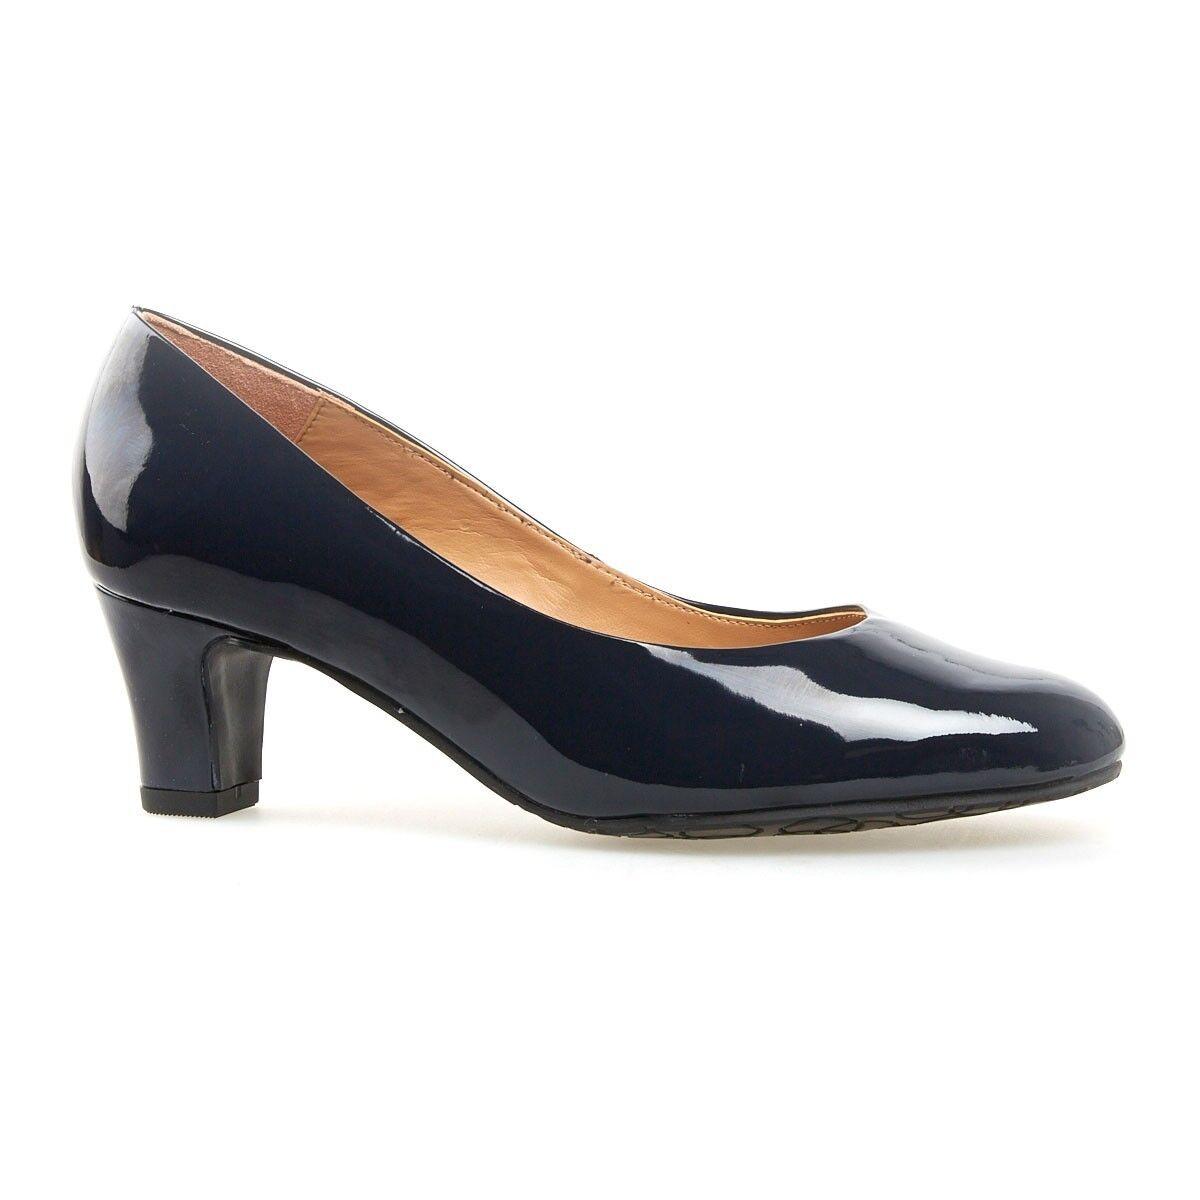 Recortes de precios estacionales, beneficios de descuento Van Dal vatios clásico Slip On patente Tribunal Zapatos /41  .95 Marine Azul Marino